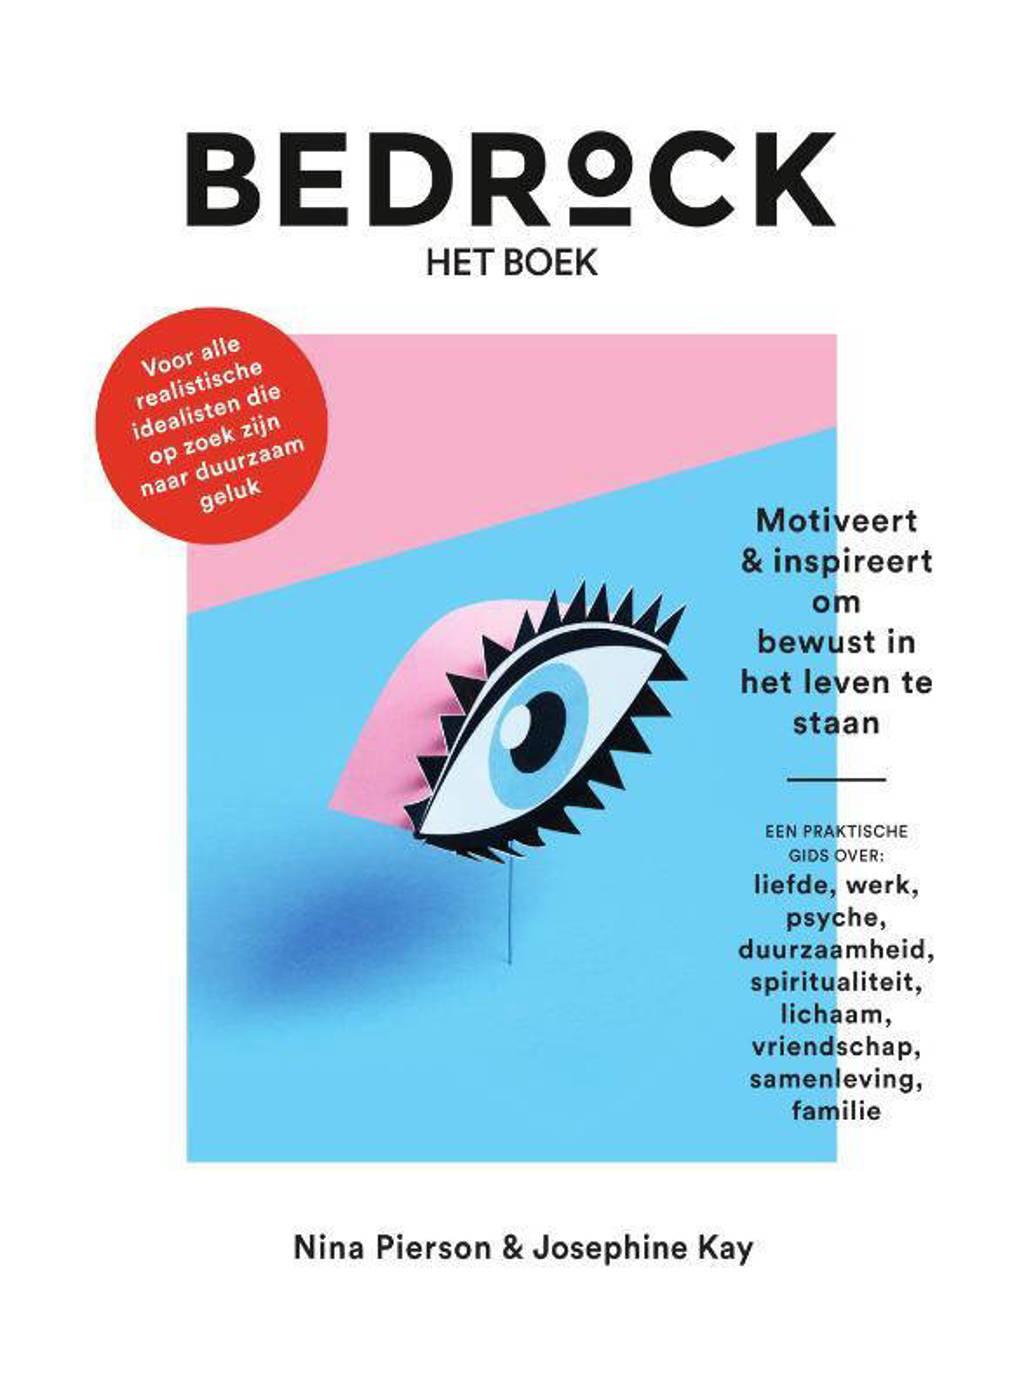 Bedrock - het boek - Nina Pierson en Josephine Kay